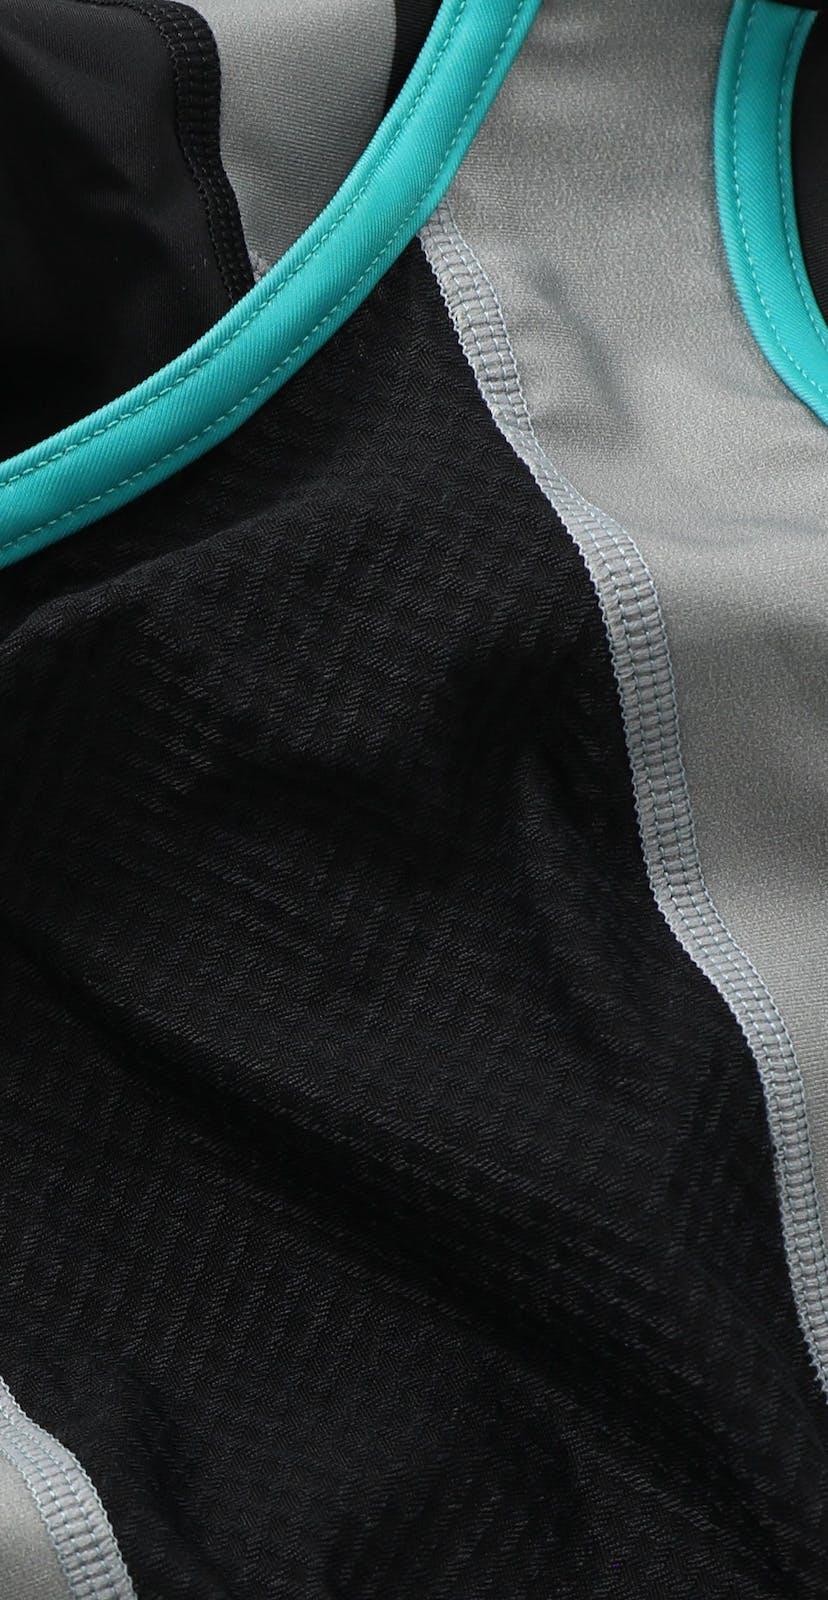 2020 Ironton Bib Detail 2